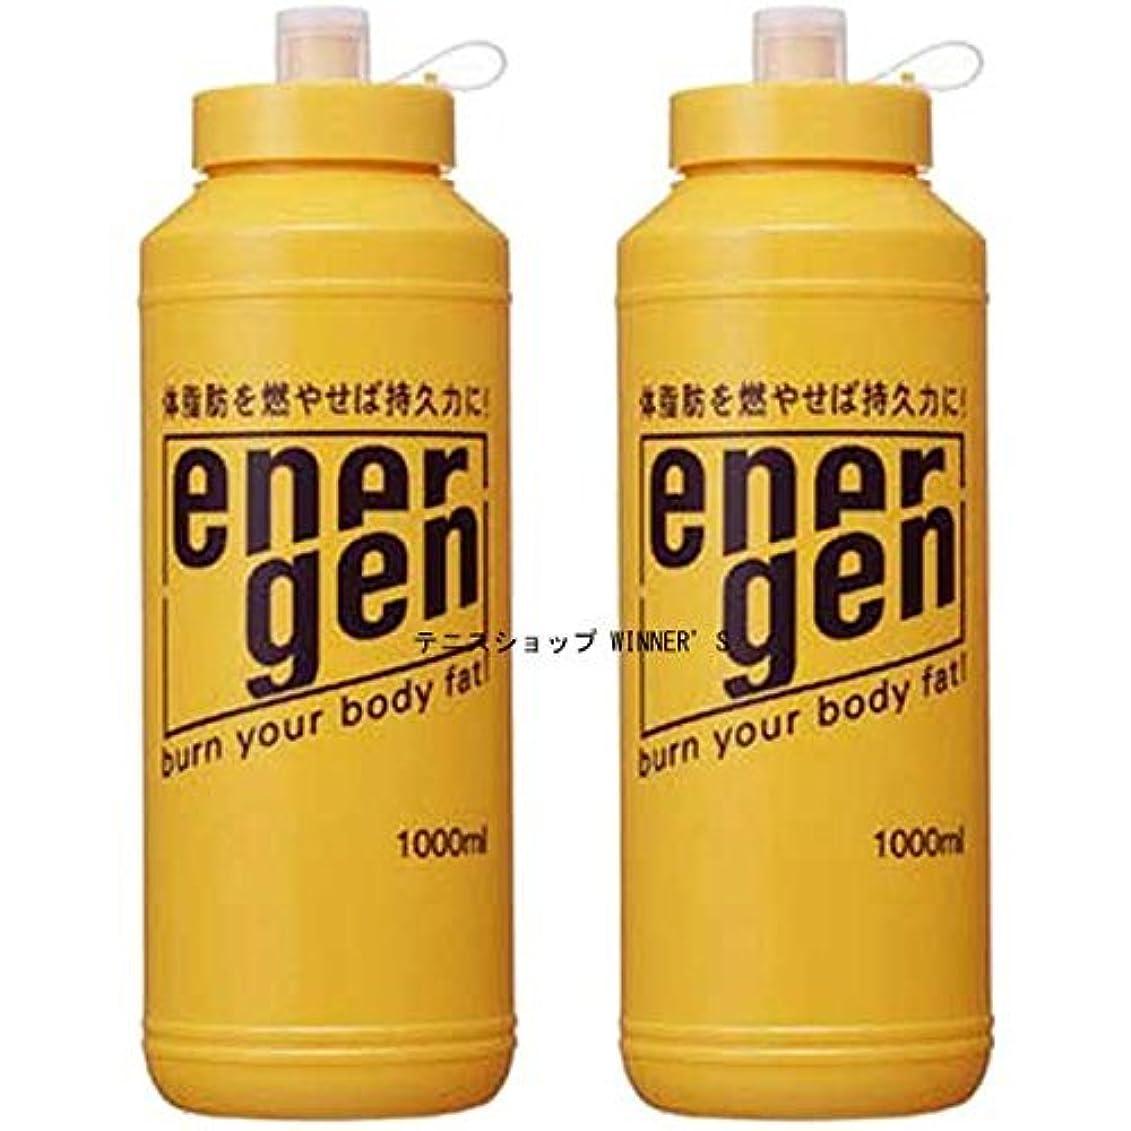 ゴールド時制糸大塚製薬 エネルゲン スクイズボトル 1L用×2本 2本セット 55651-2SET